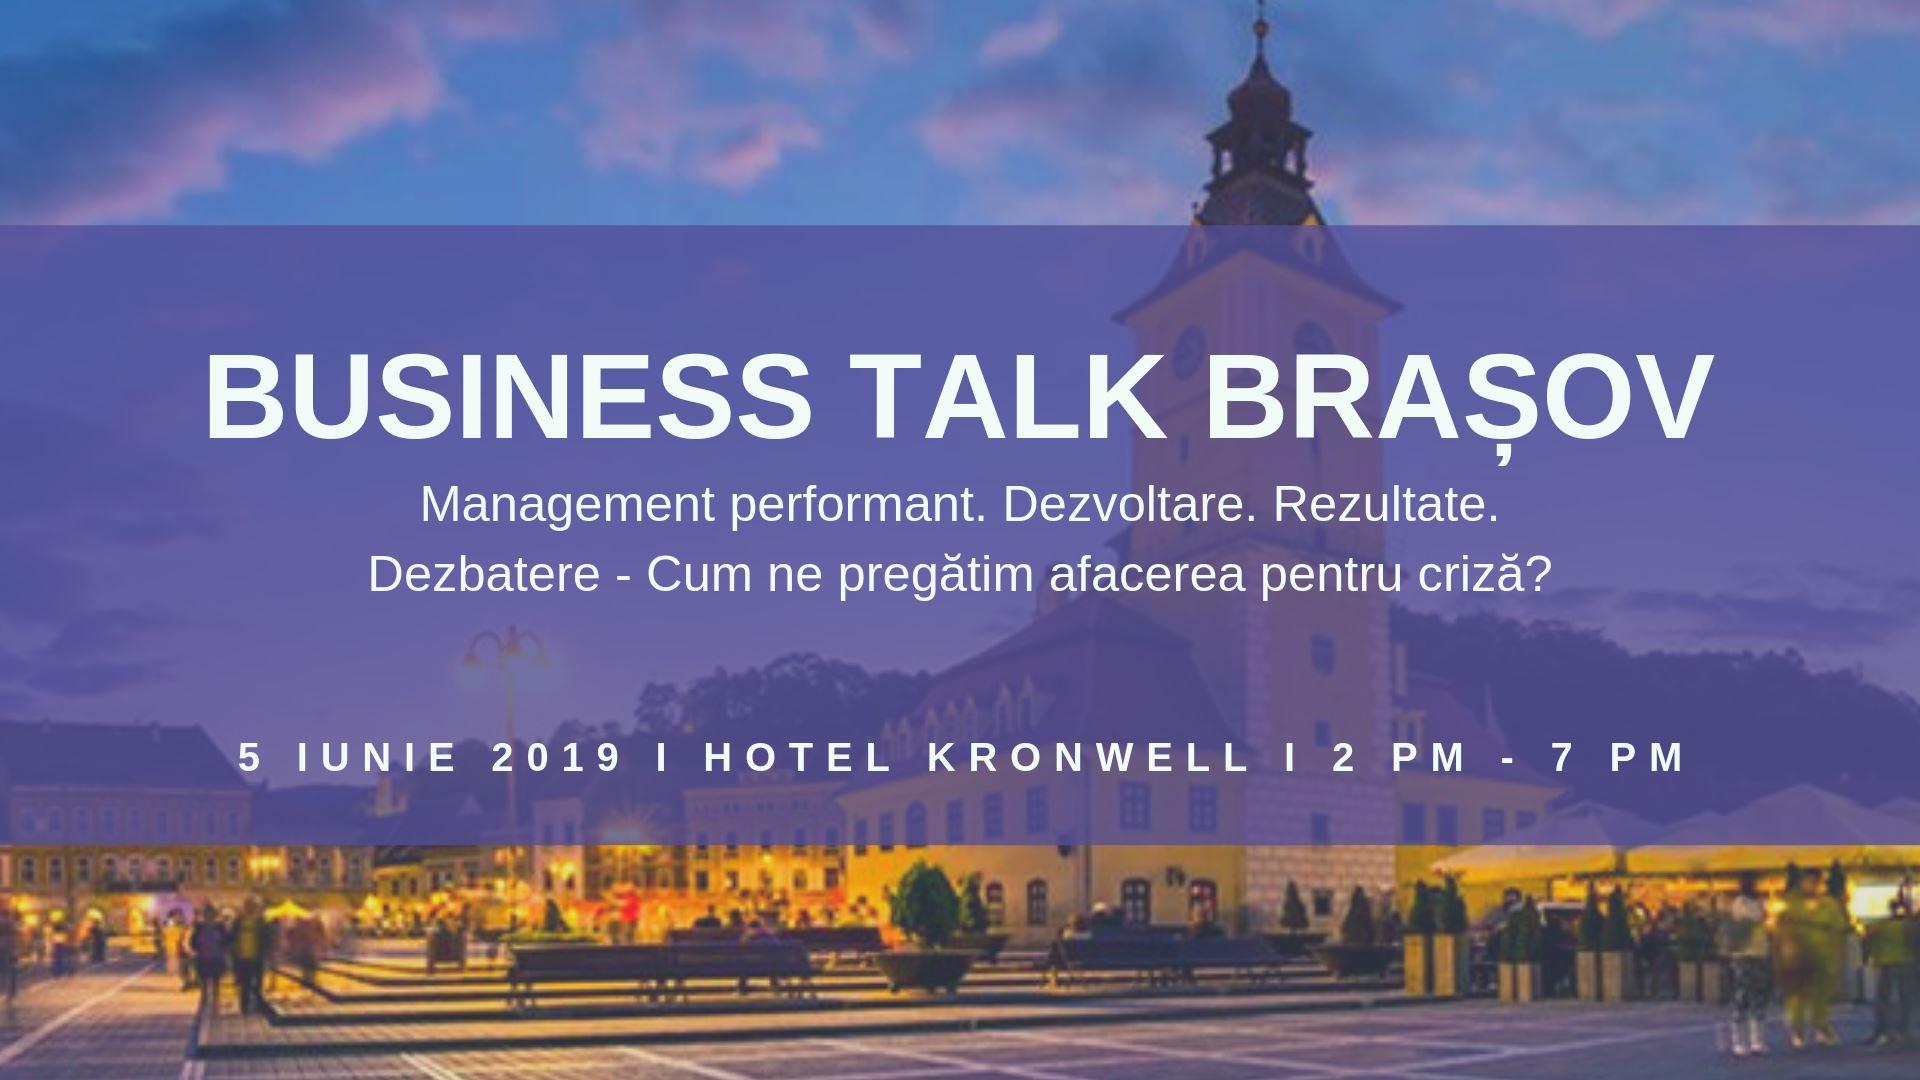 """Business Talk Brașov: Eveniment interactiv pentru companiile și profesionistii preocupați de """"Management Performant. Dezvoltare. Rezultate."""""""